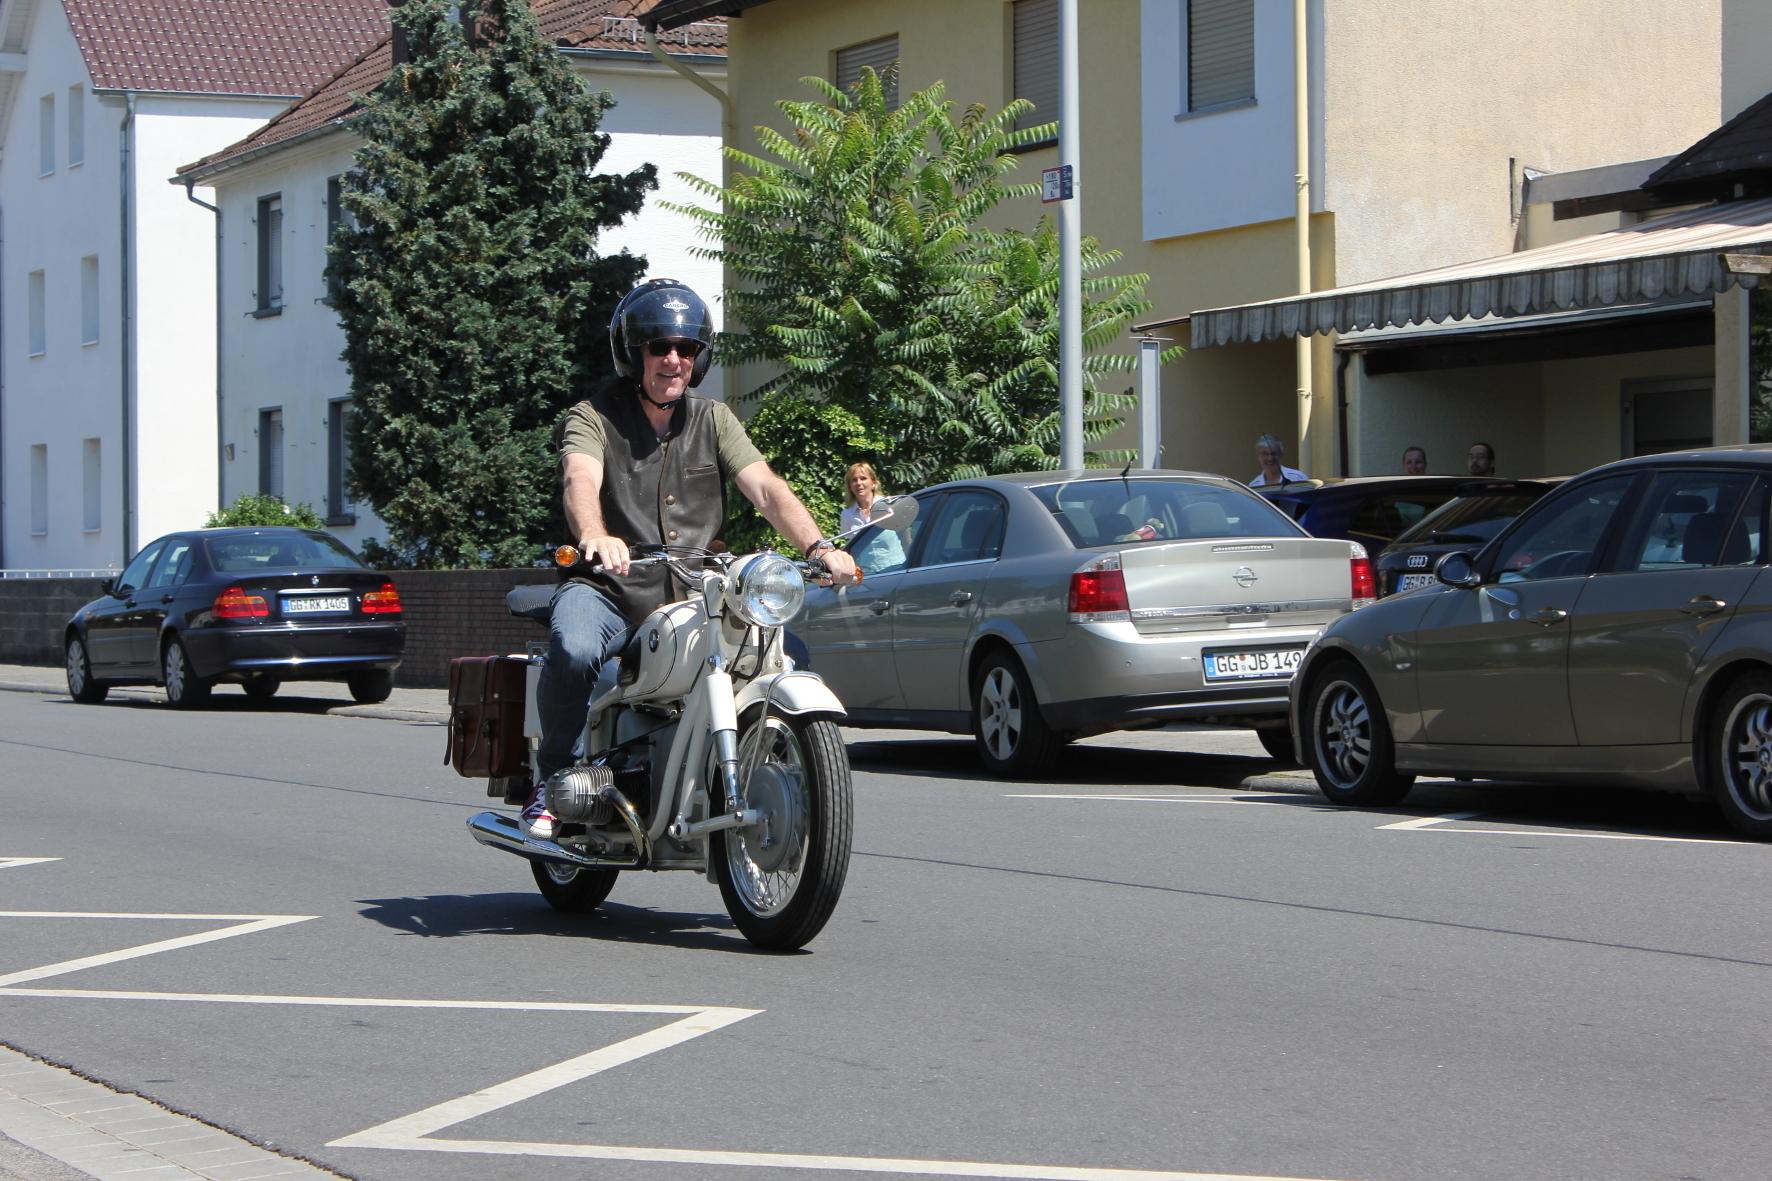 mid Groß-Gerau - Diesem Bike schaut jeder gerne hinterher: eine BMW R60/2 Baujahr 1967.